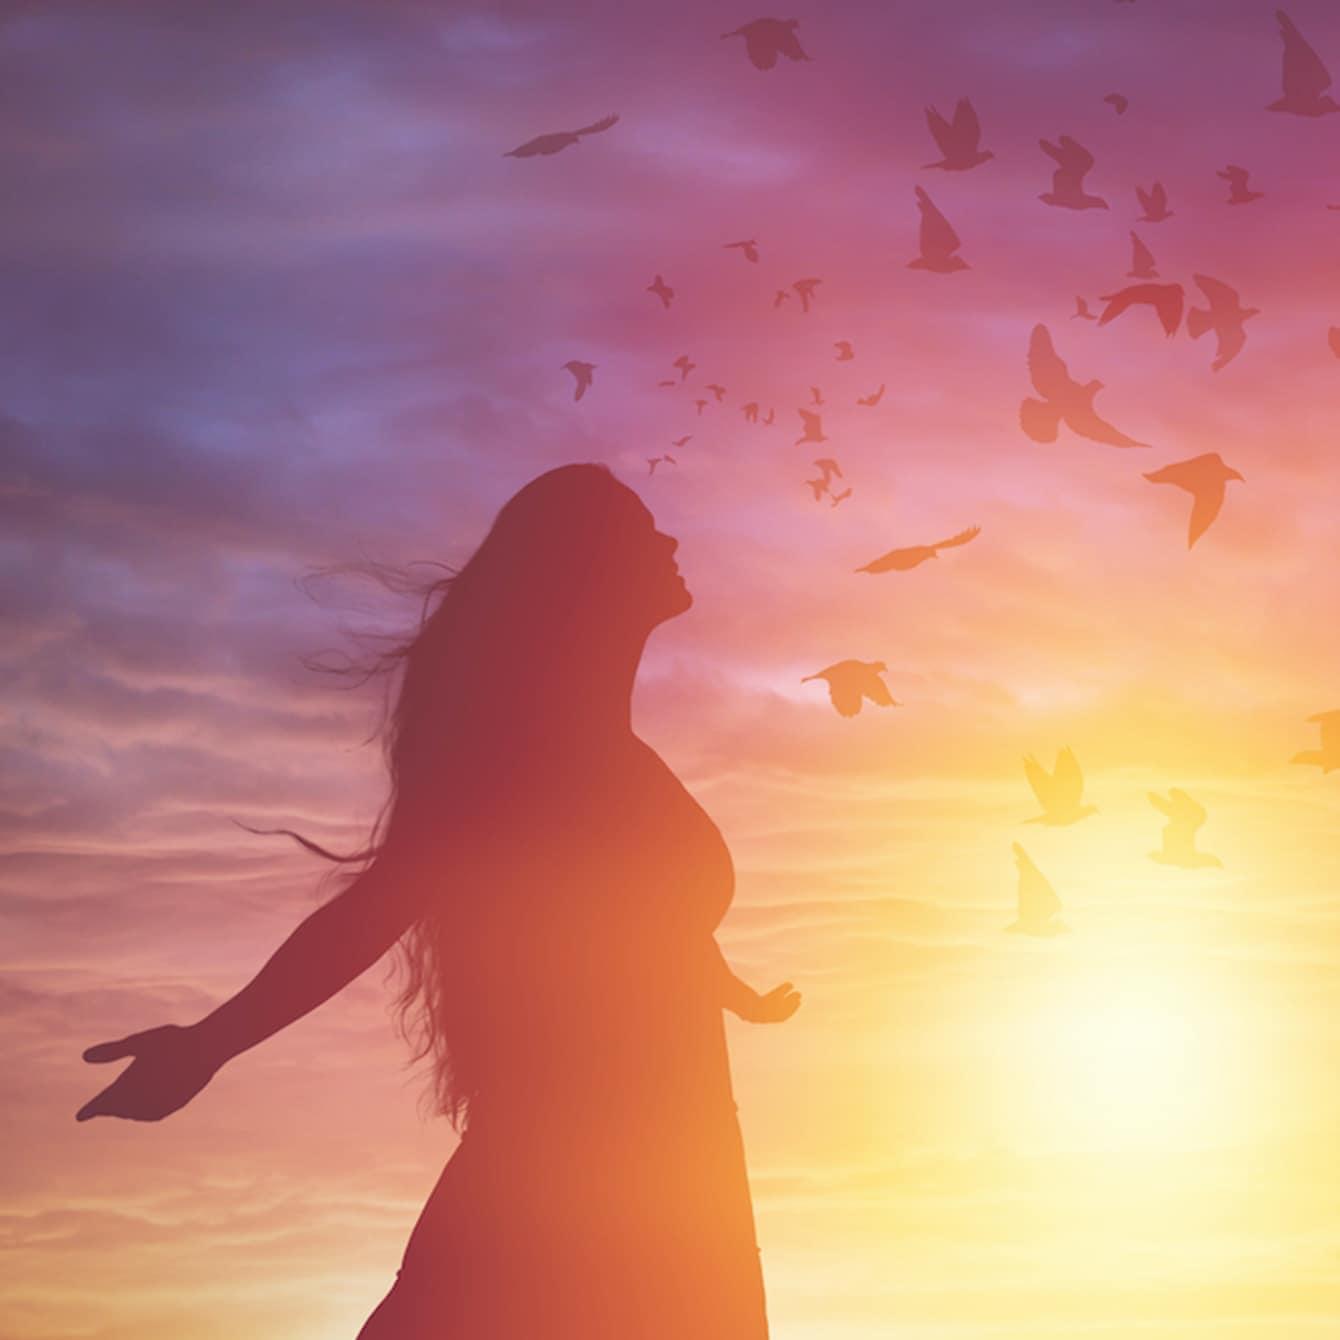 毎日10分で悩み解消! ありのままの心を手に入れるマインドフルネス瞑想とは